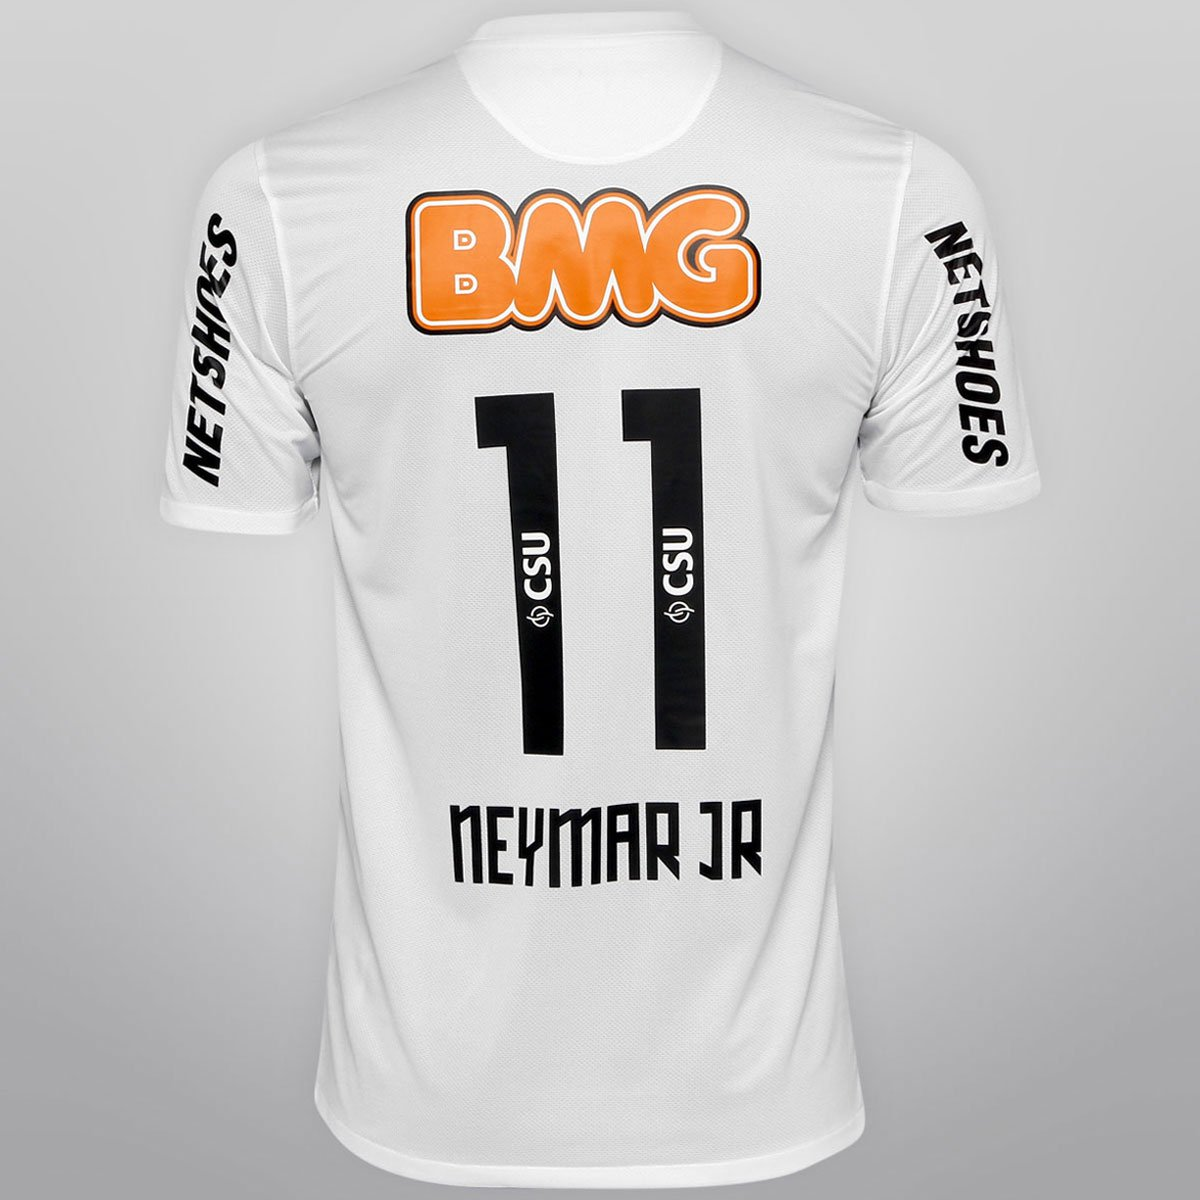 Camisa Nike Santos I 12 13 nº 11 - Neymar Jr. - Compre Agora  efc5855e065e5